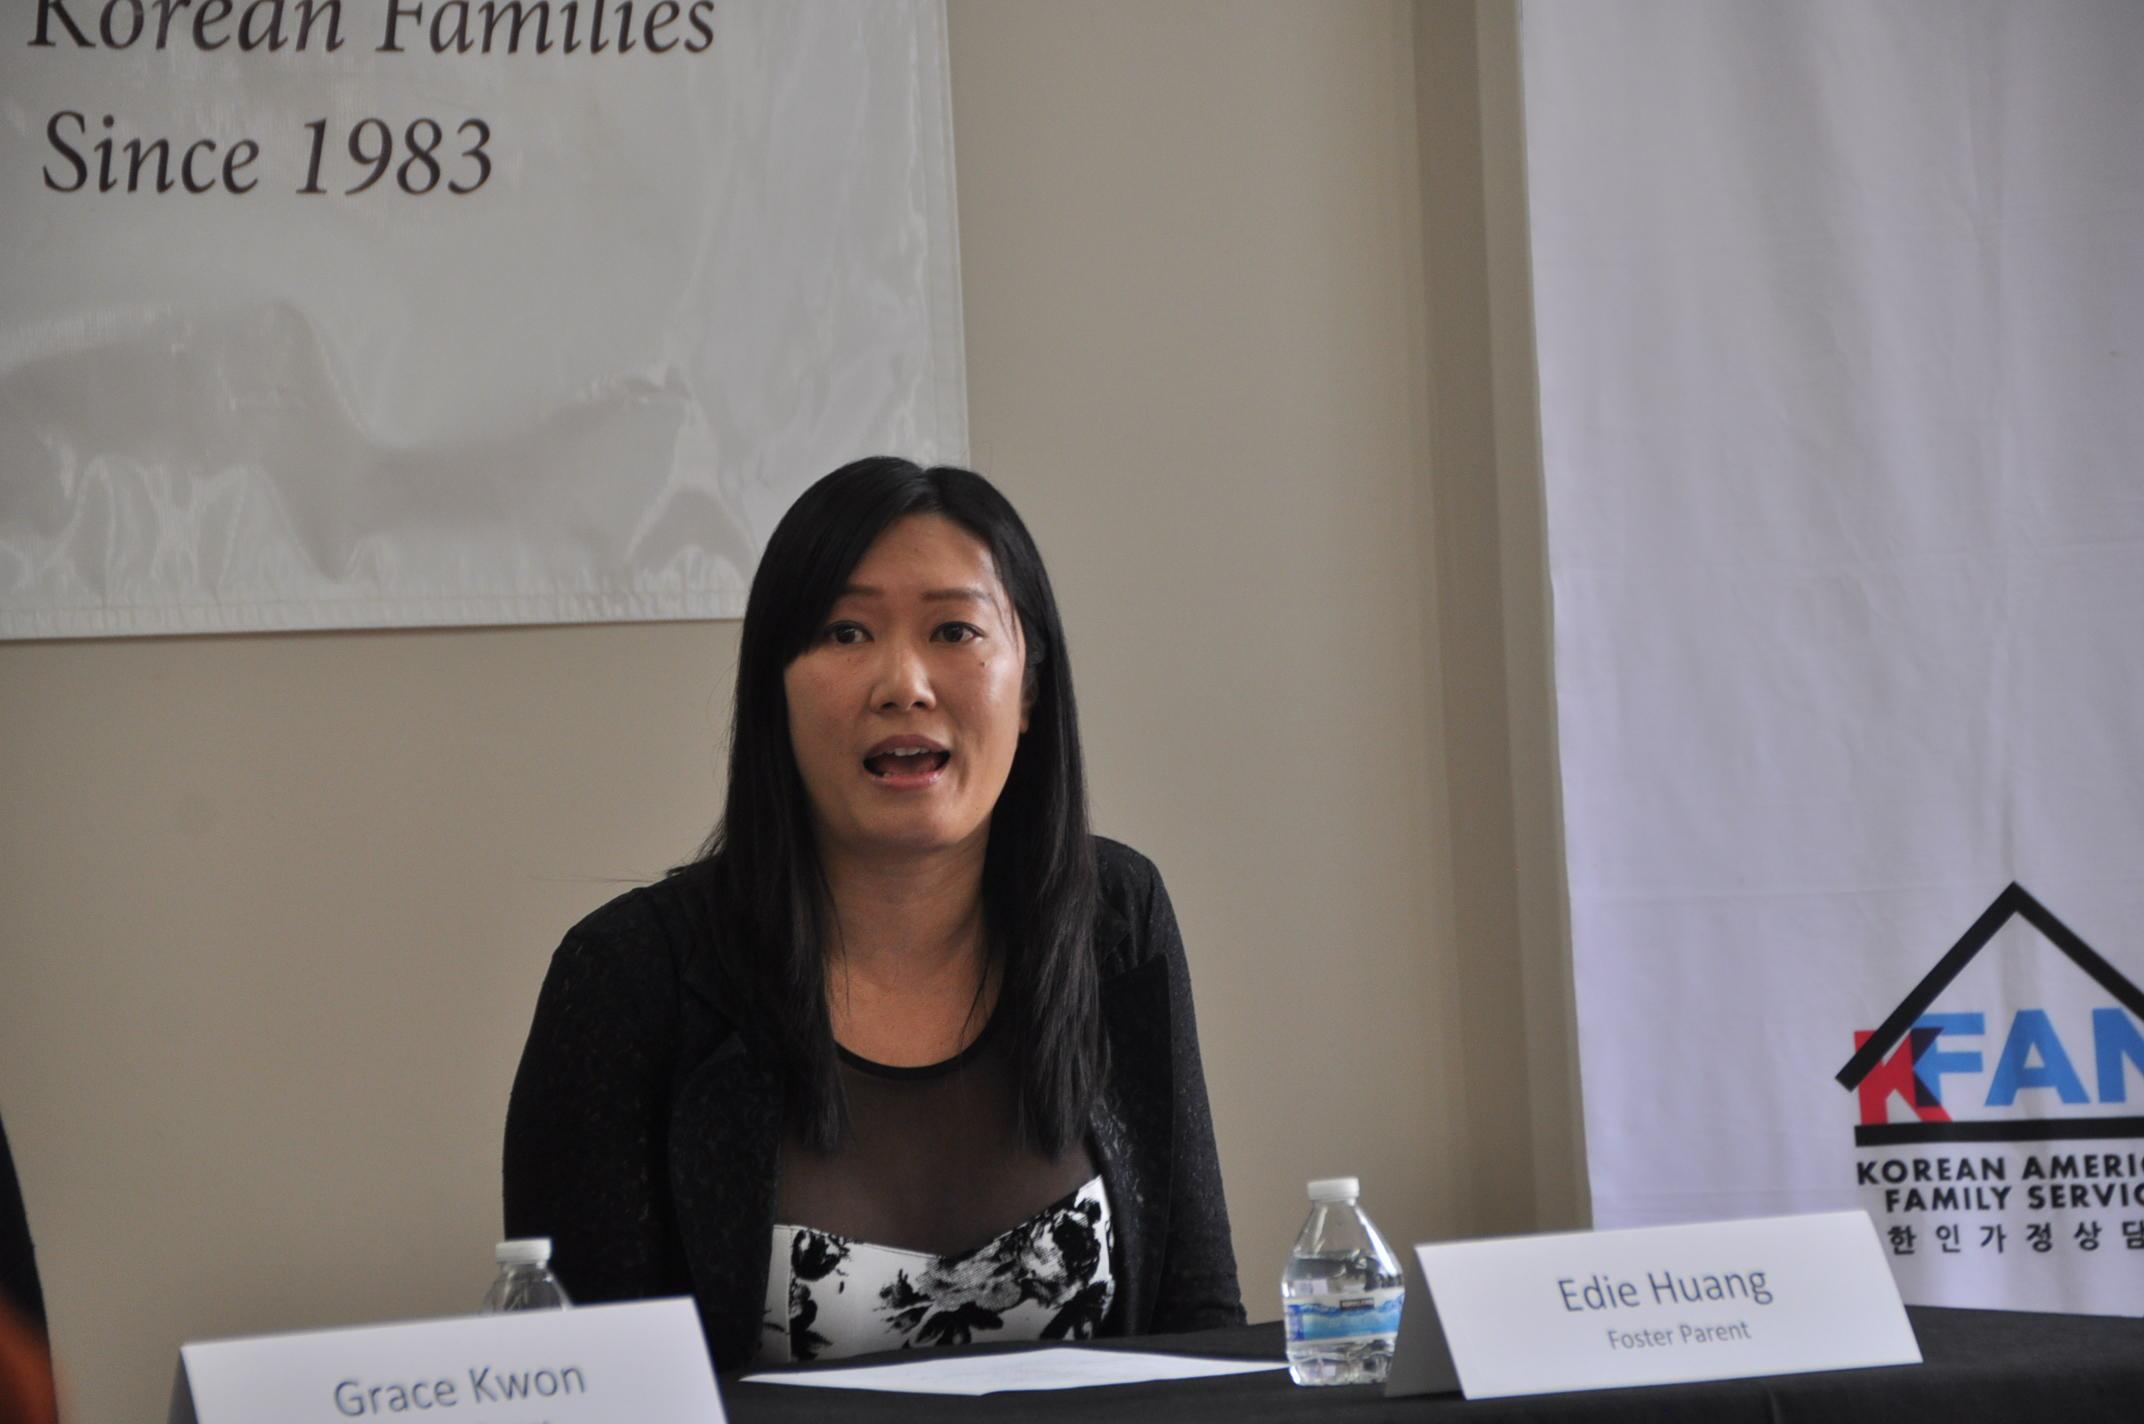 黃伊蒂照顧了11個華裔孩子。(記者張越/攝影)